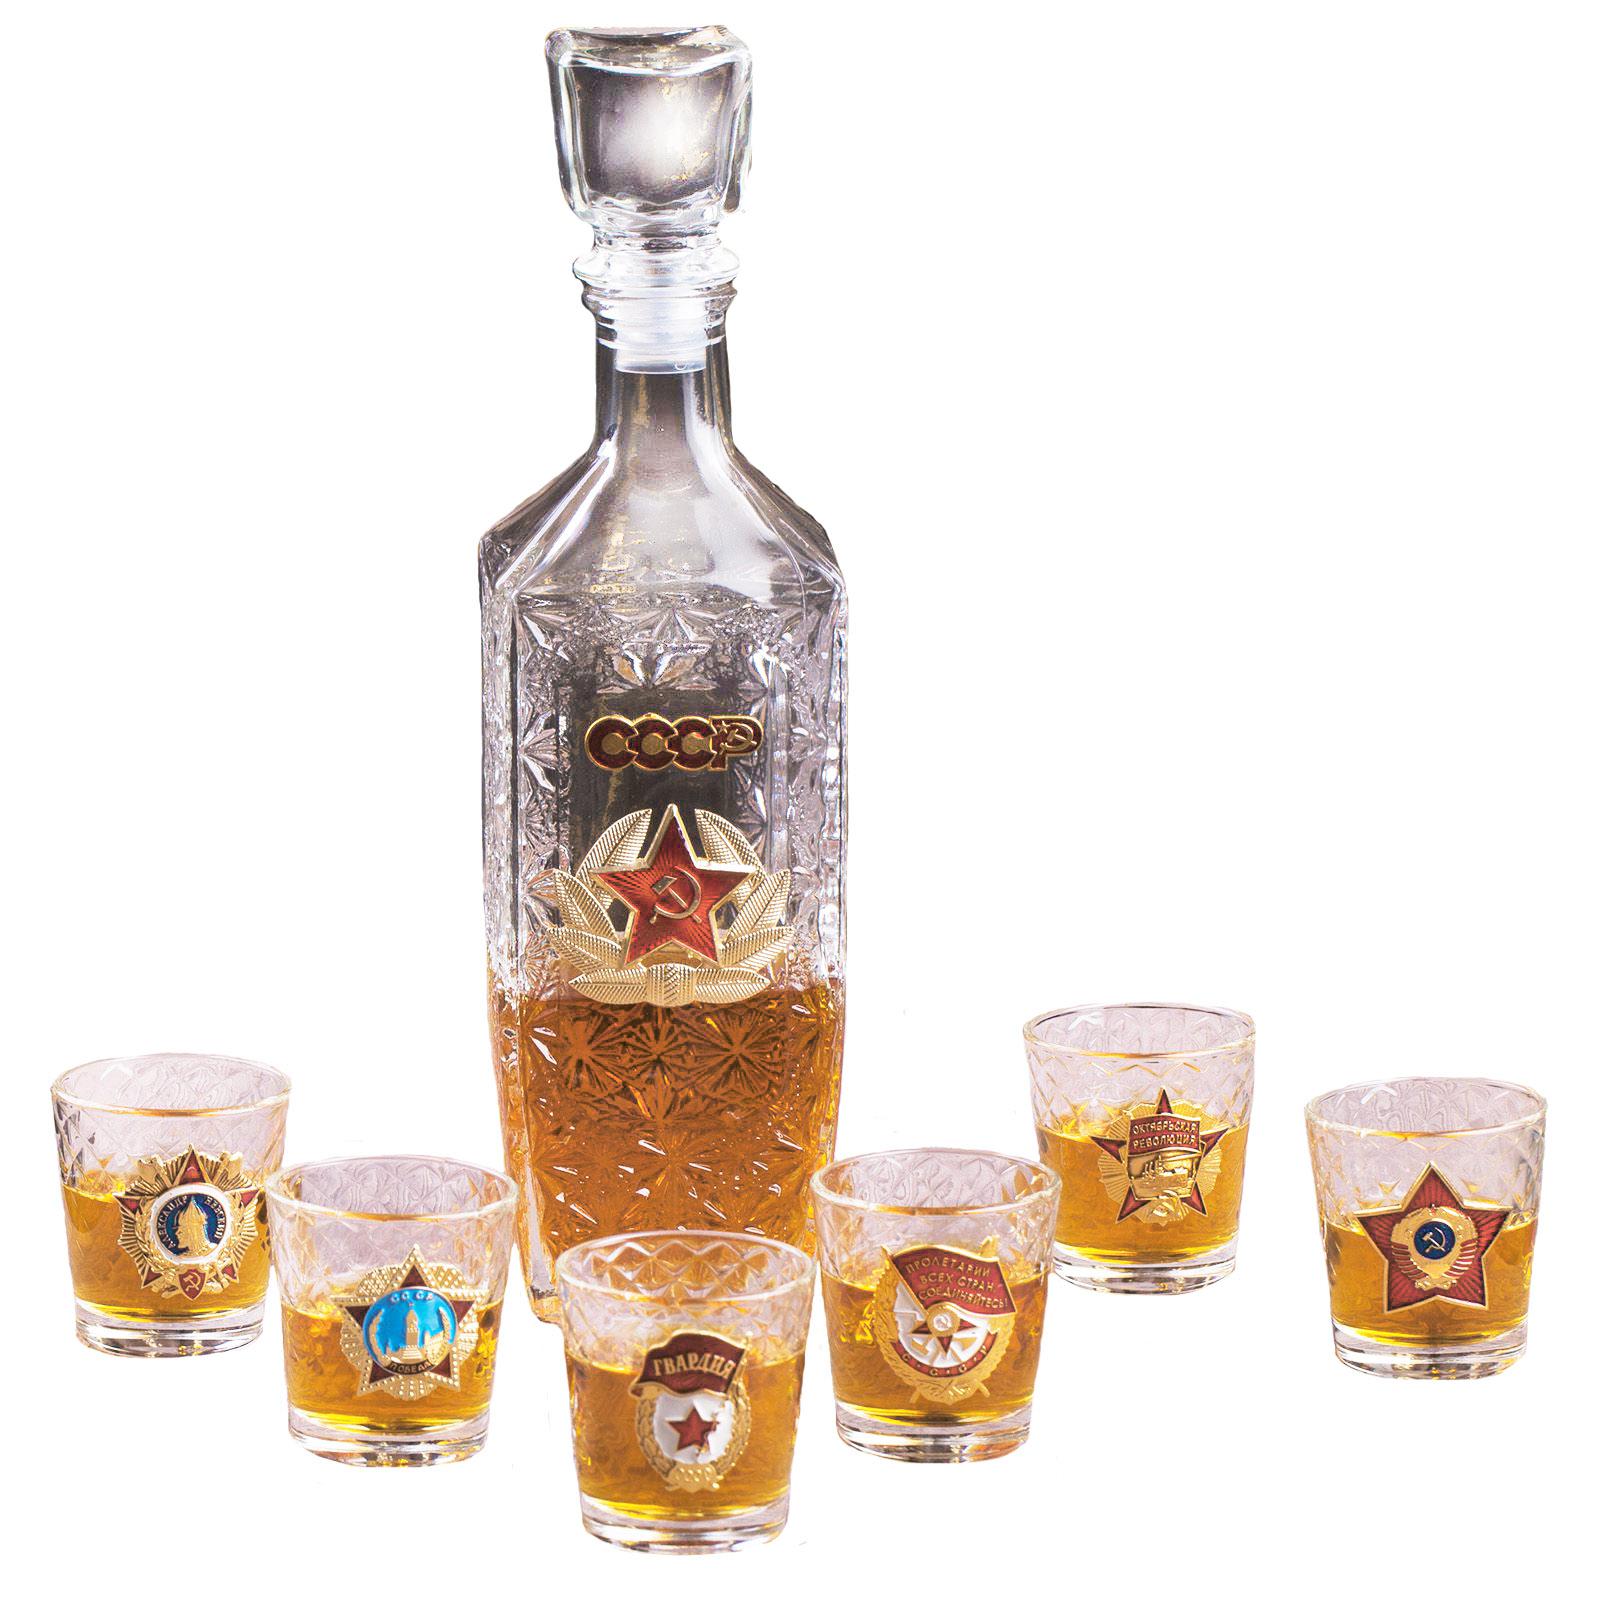 Наборы для алкоголя в Петропавловске-Камчатском